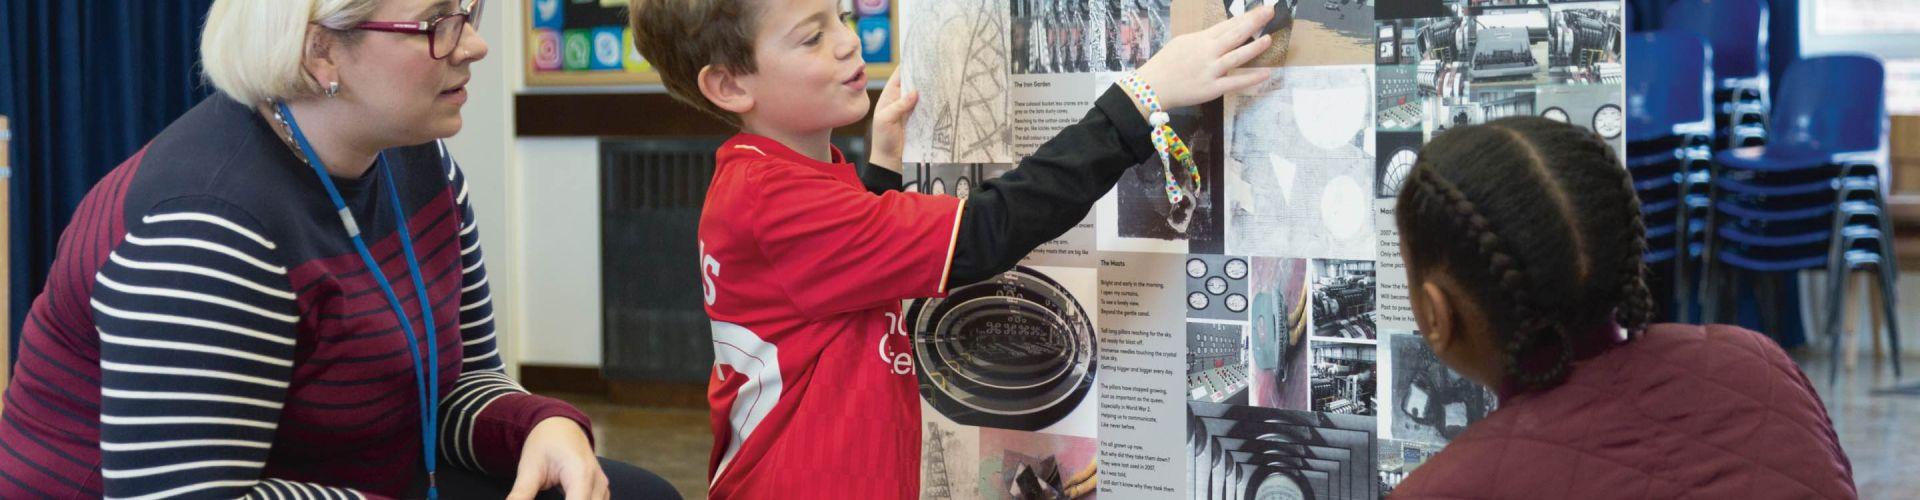 Case study Stakeholder Engagement - Hillmorton Primary School_Banner.jpg